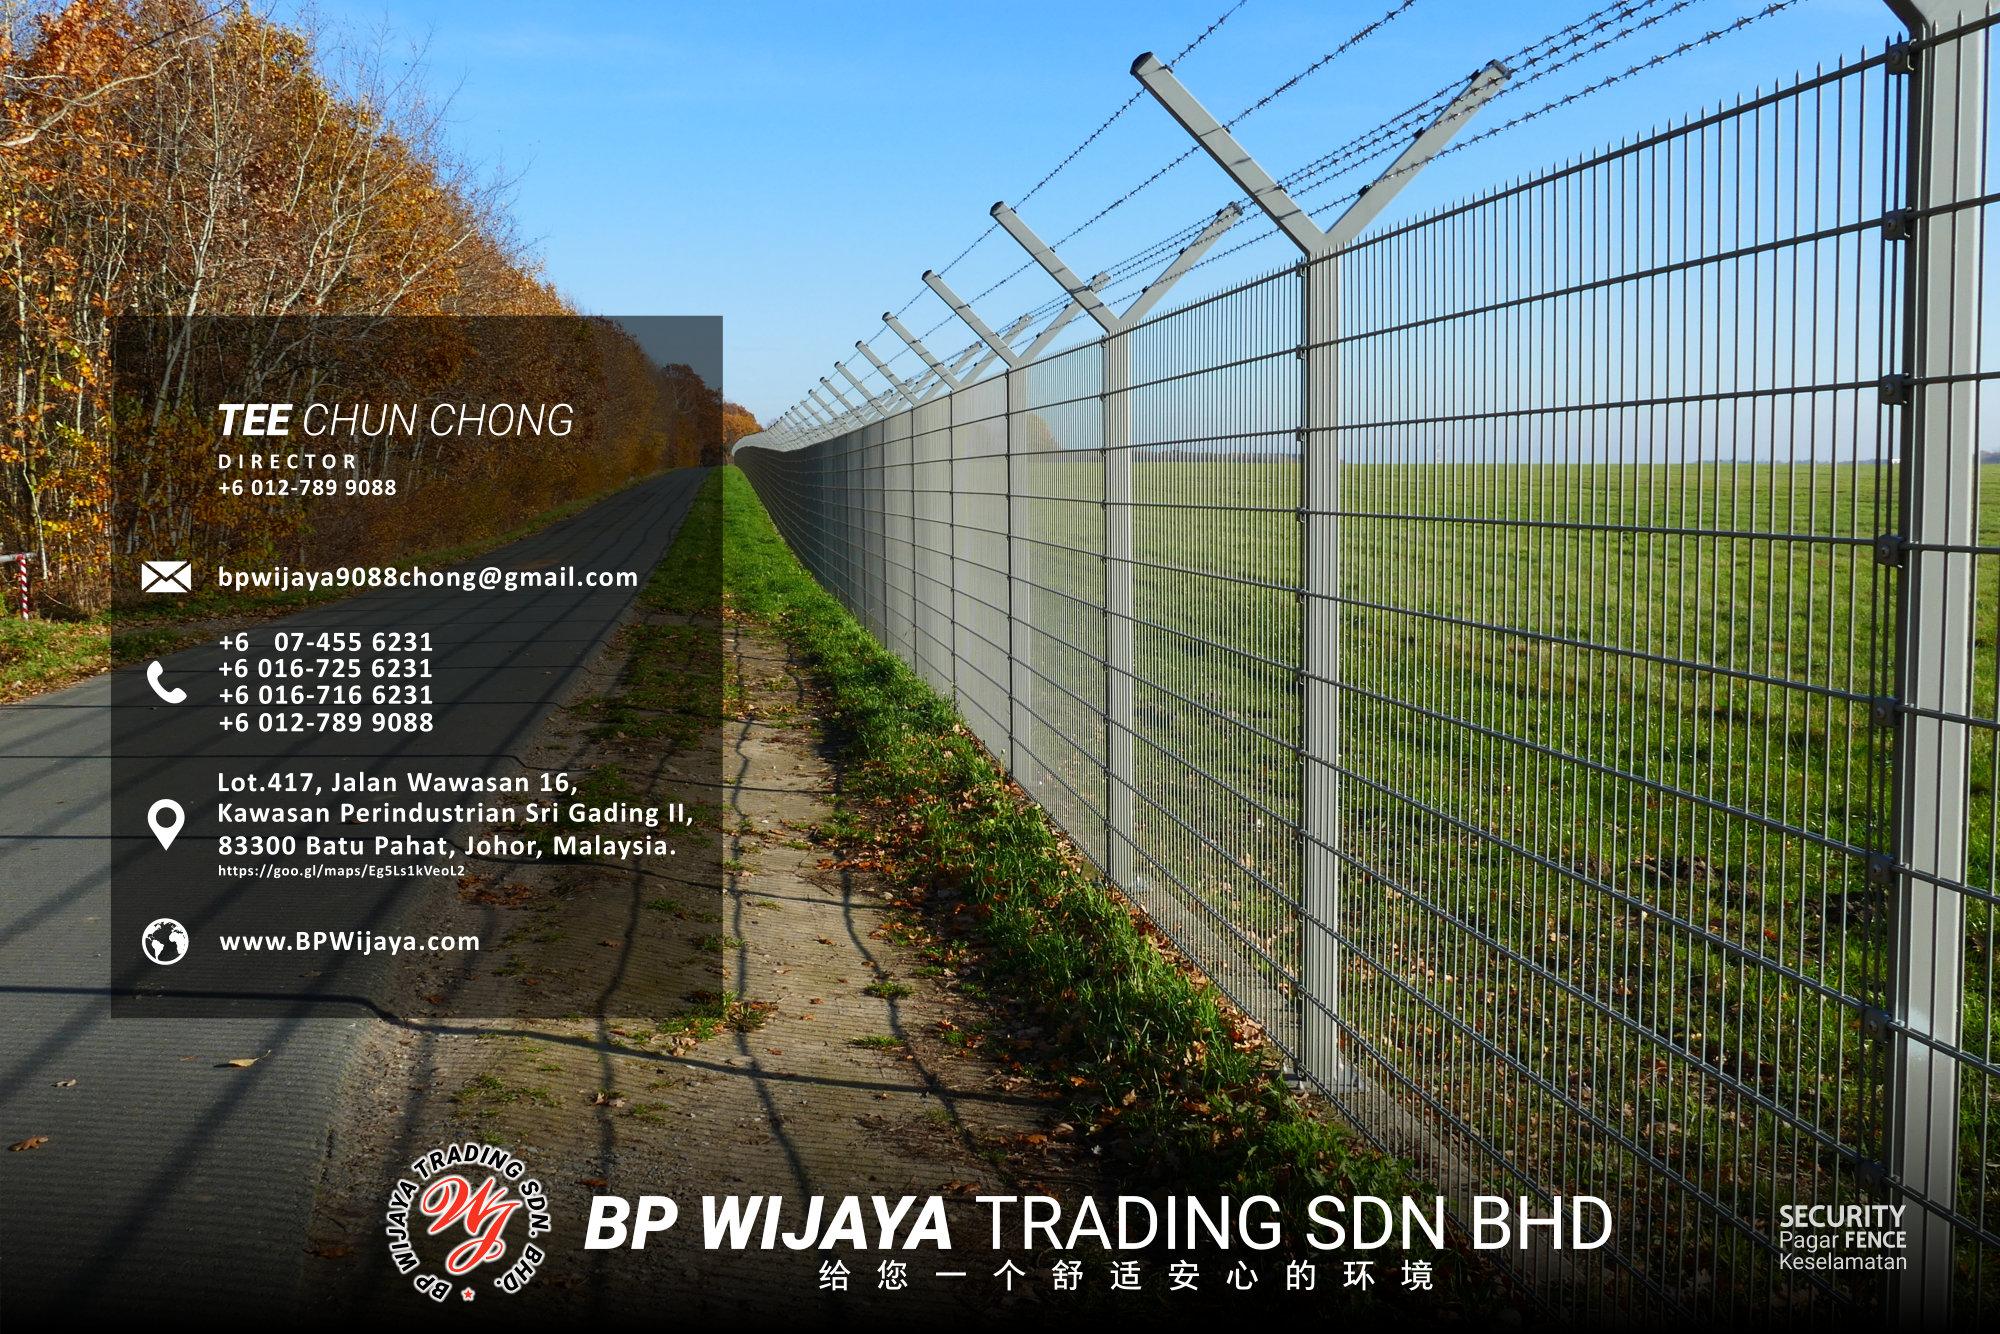 吉隆坡安全篱笆供应商 - 我们是安全篱笆制造商 BP Wijaya Trading Sdn Bhd 住家围栏篱笆 提供 吉隆坡篱笆 建筑材料 给 发展商 花园 公寓 住家 工厂 农场 果园 安全藩篱 建设 A03-002